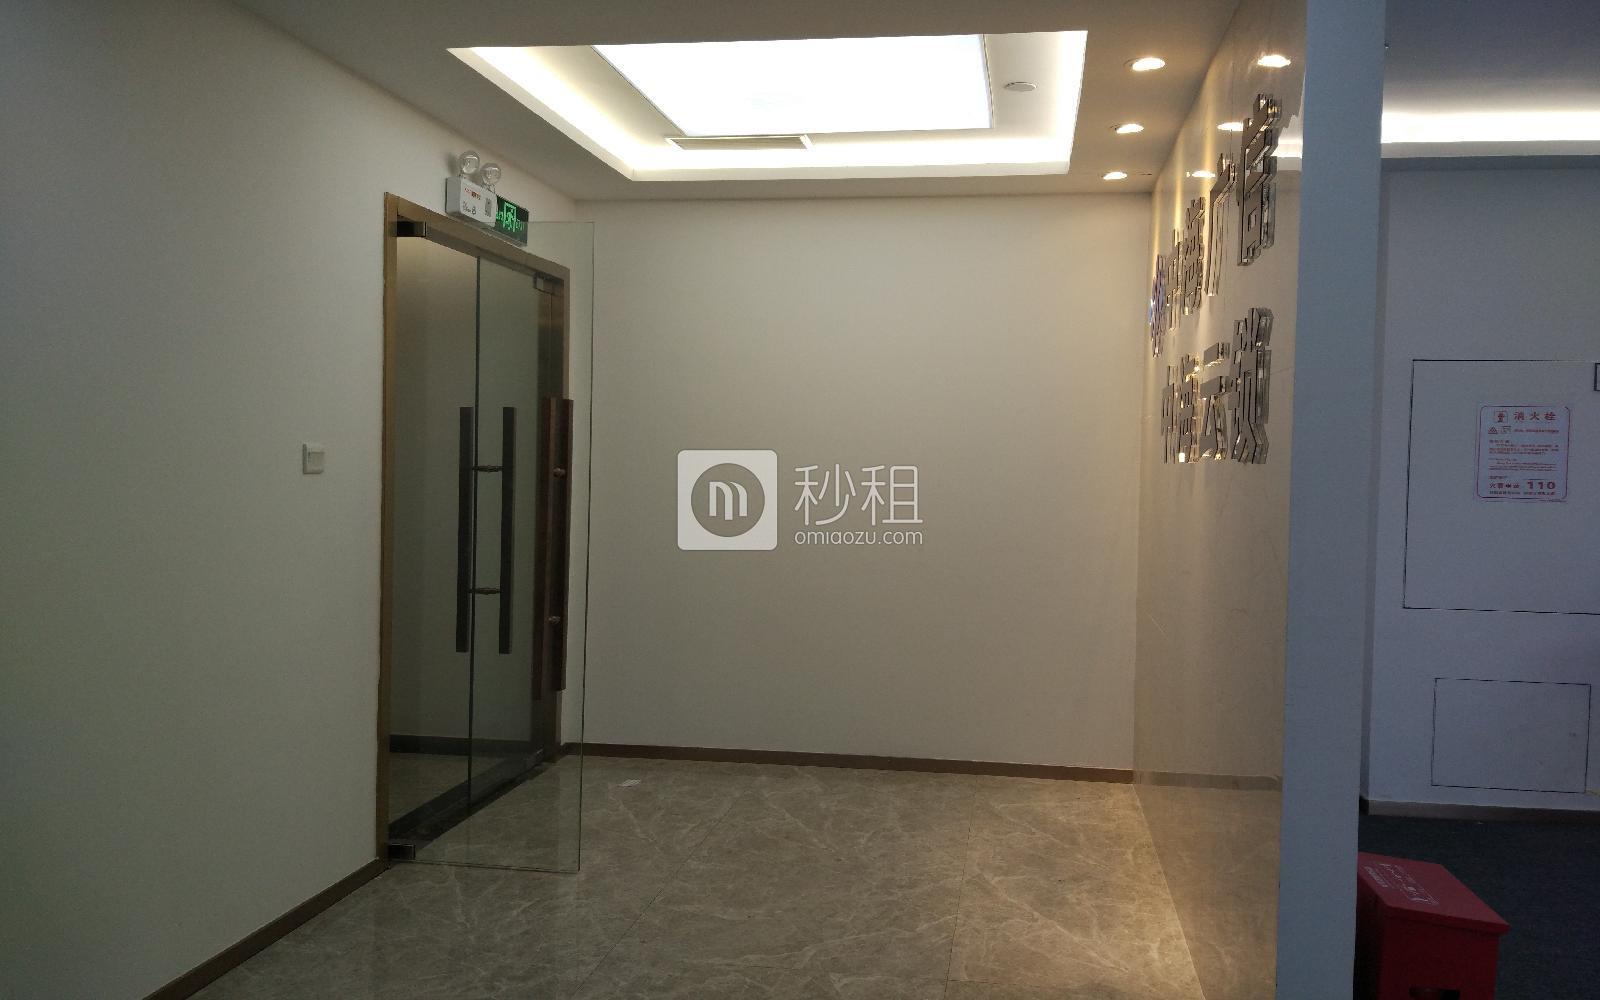 南山-西丽 凯达尔集团中心大厦 239m²